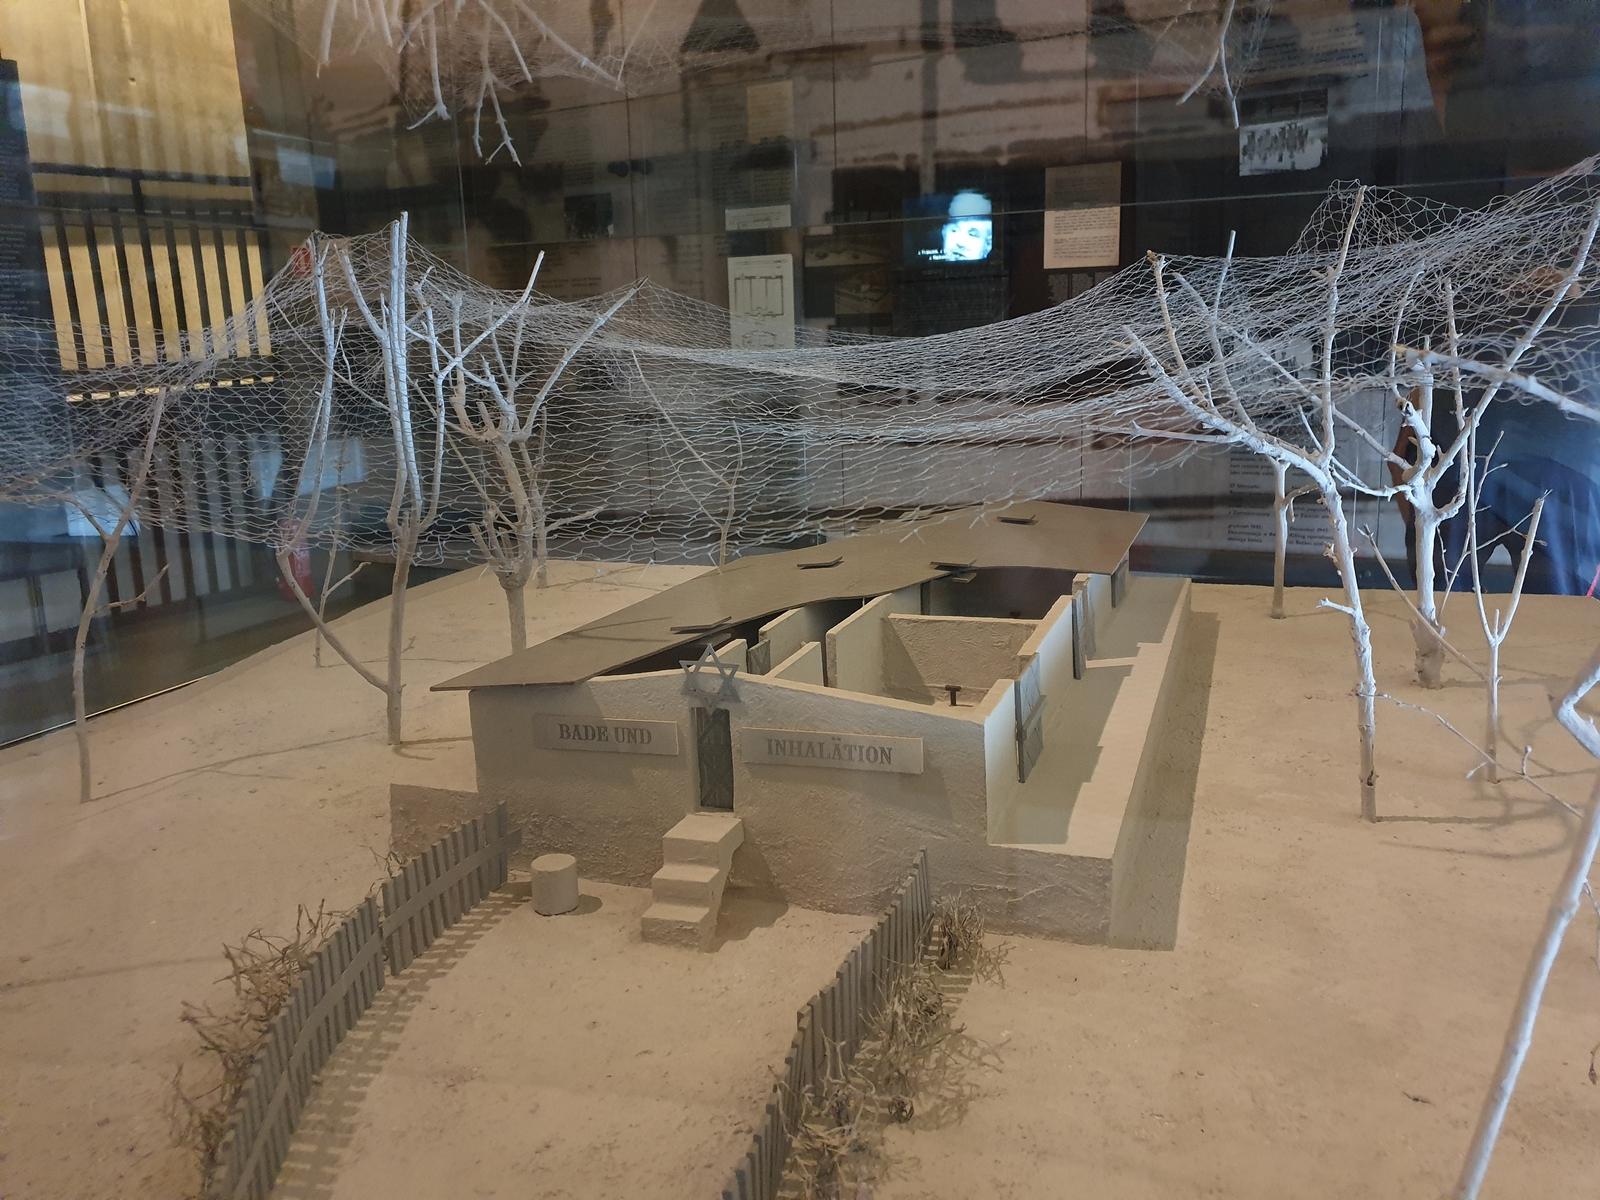 muzeum miejsce pamięci w bełżcu